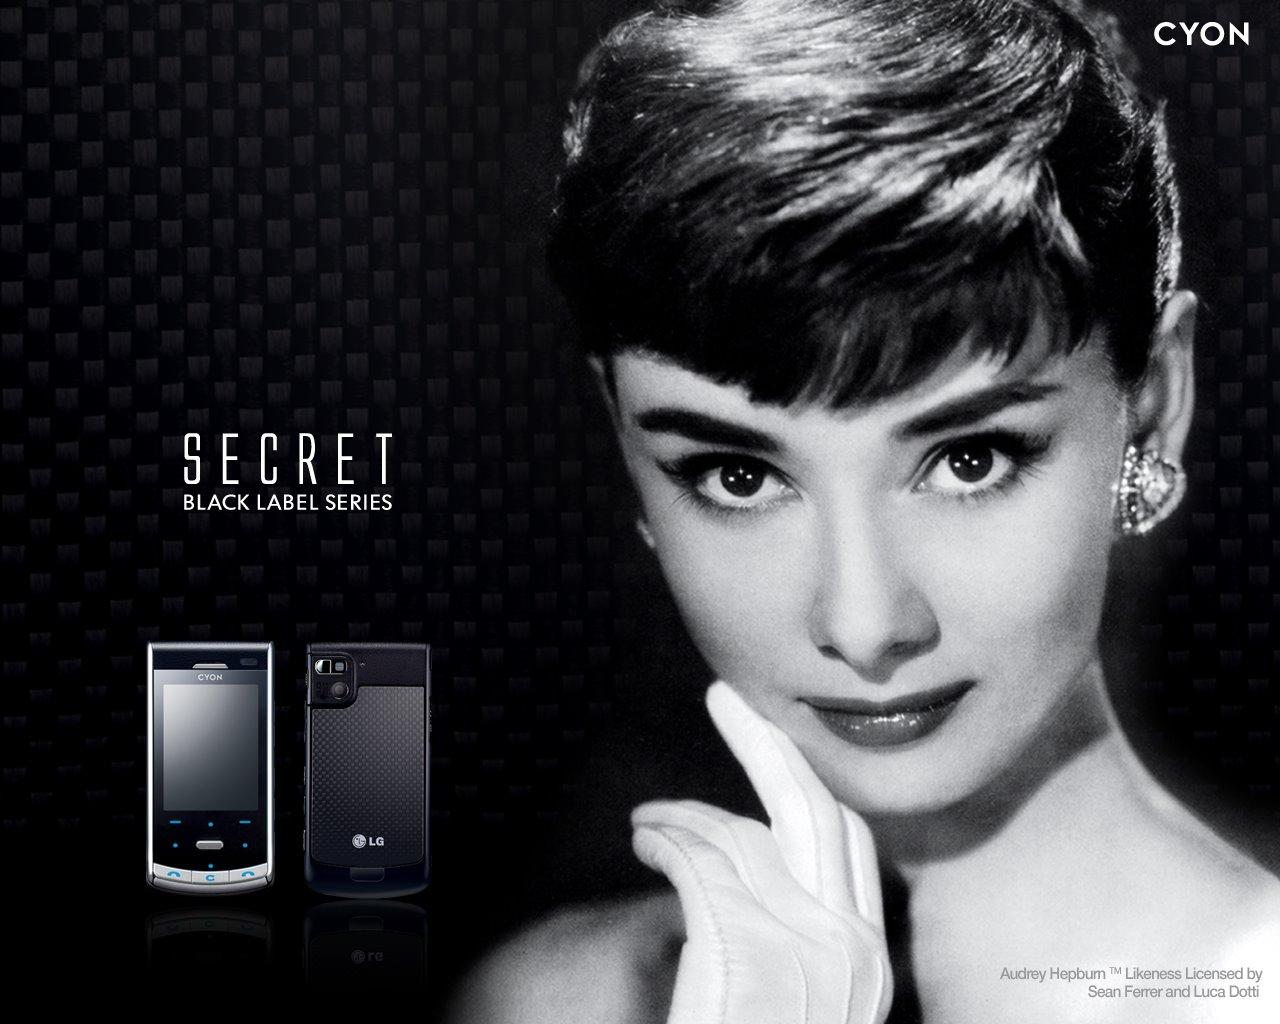 Audrey Hepburn Wallpapers 1280 x 1024 1280x1024